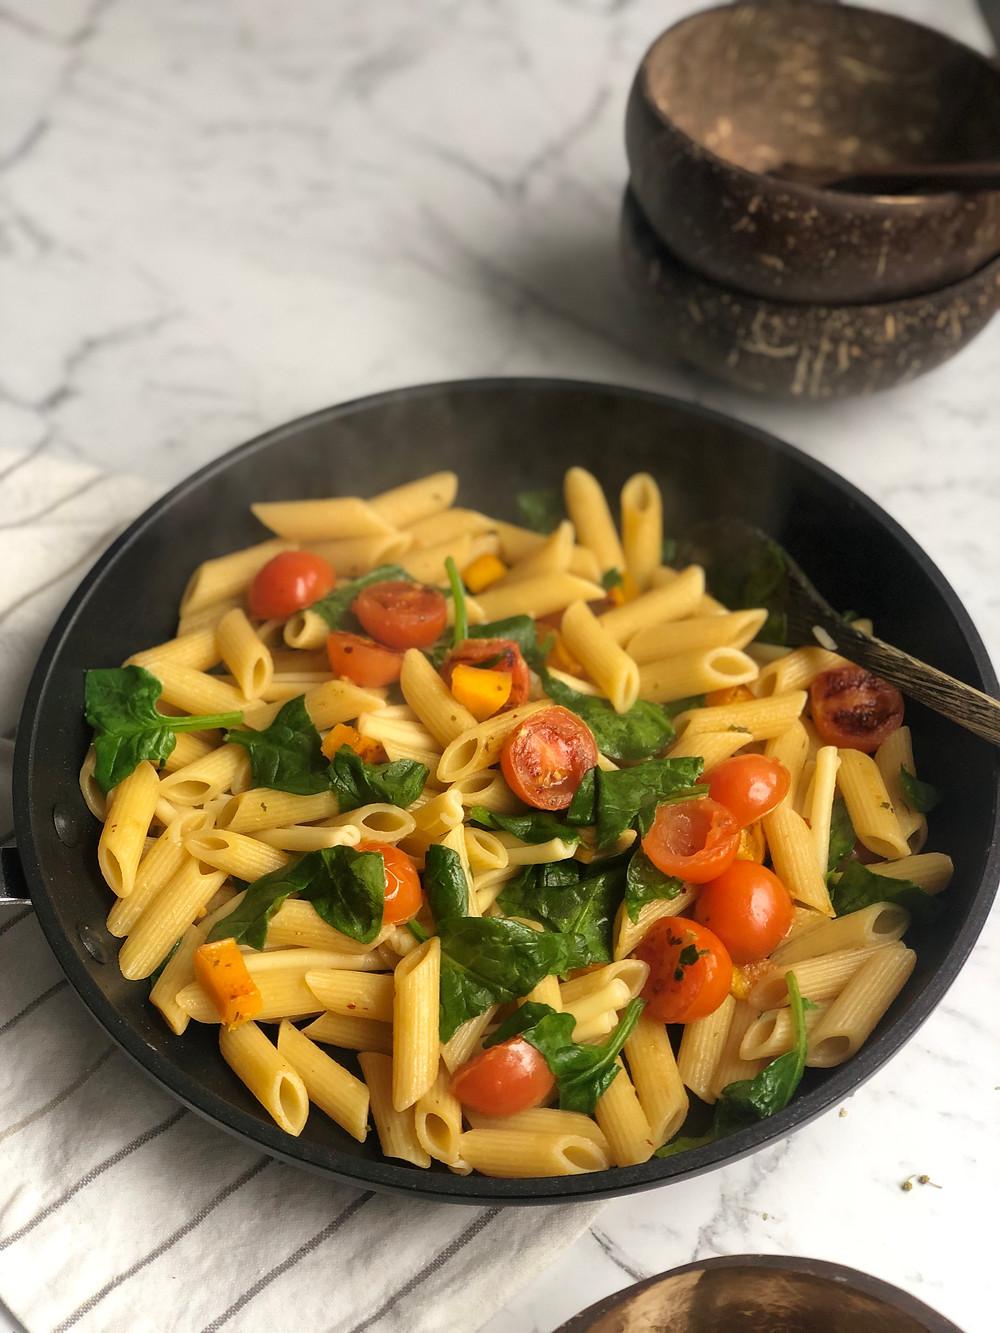 Pumpkin Mac n cheese pasta dish